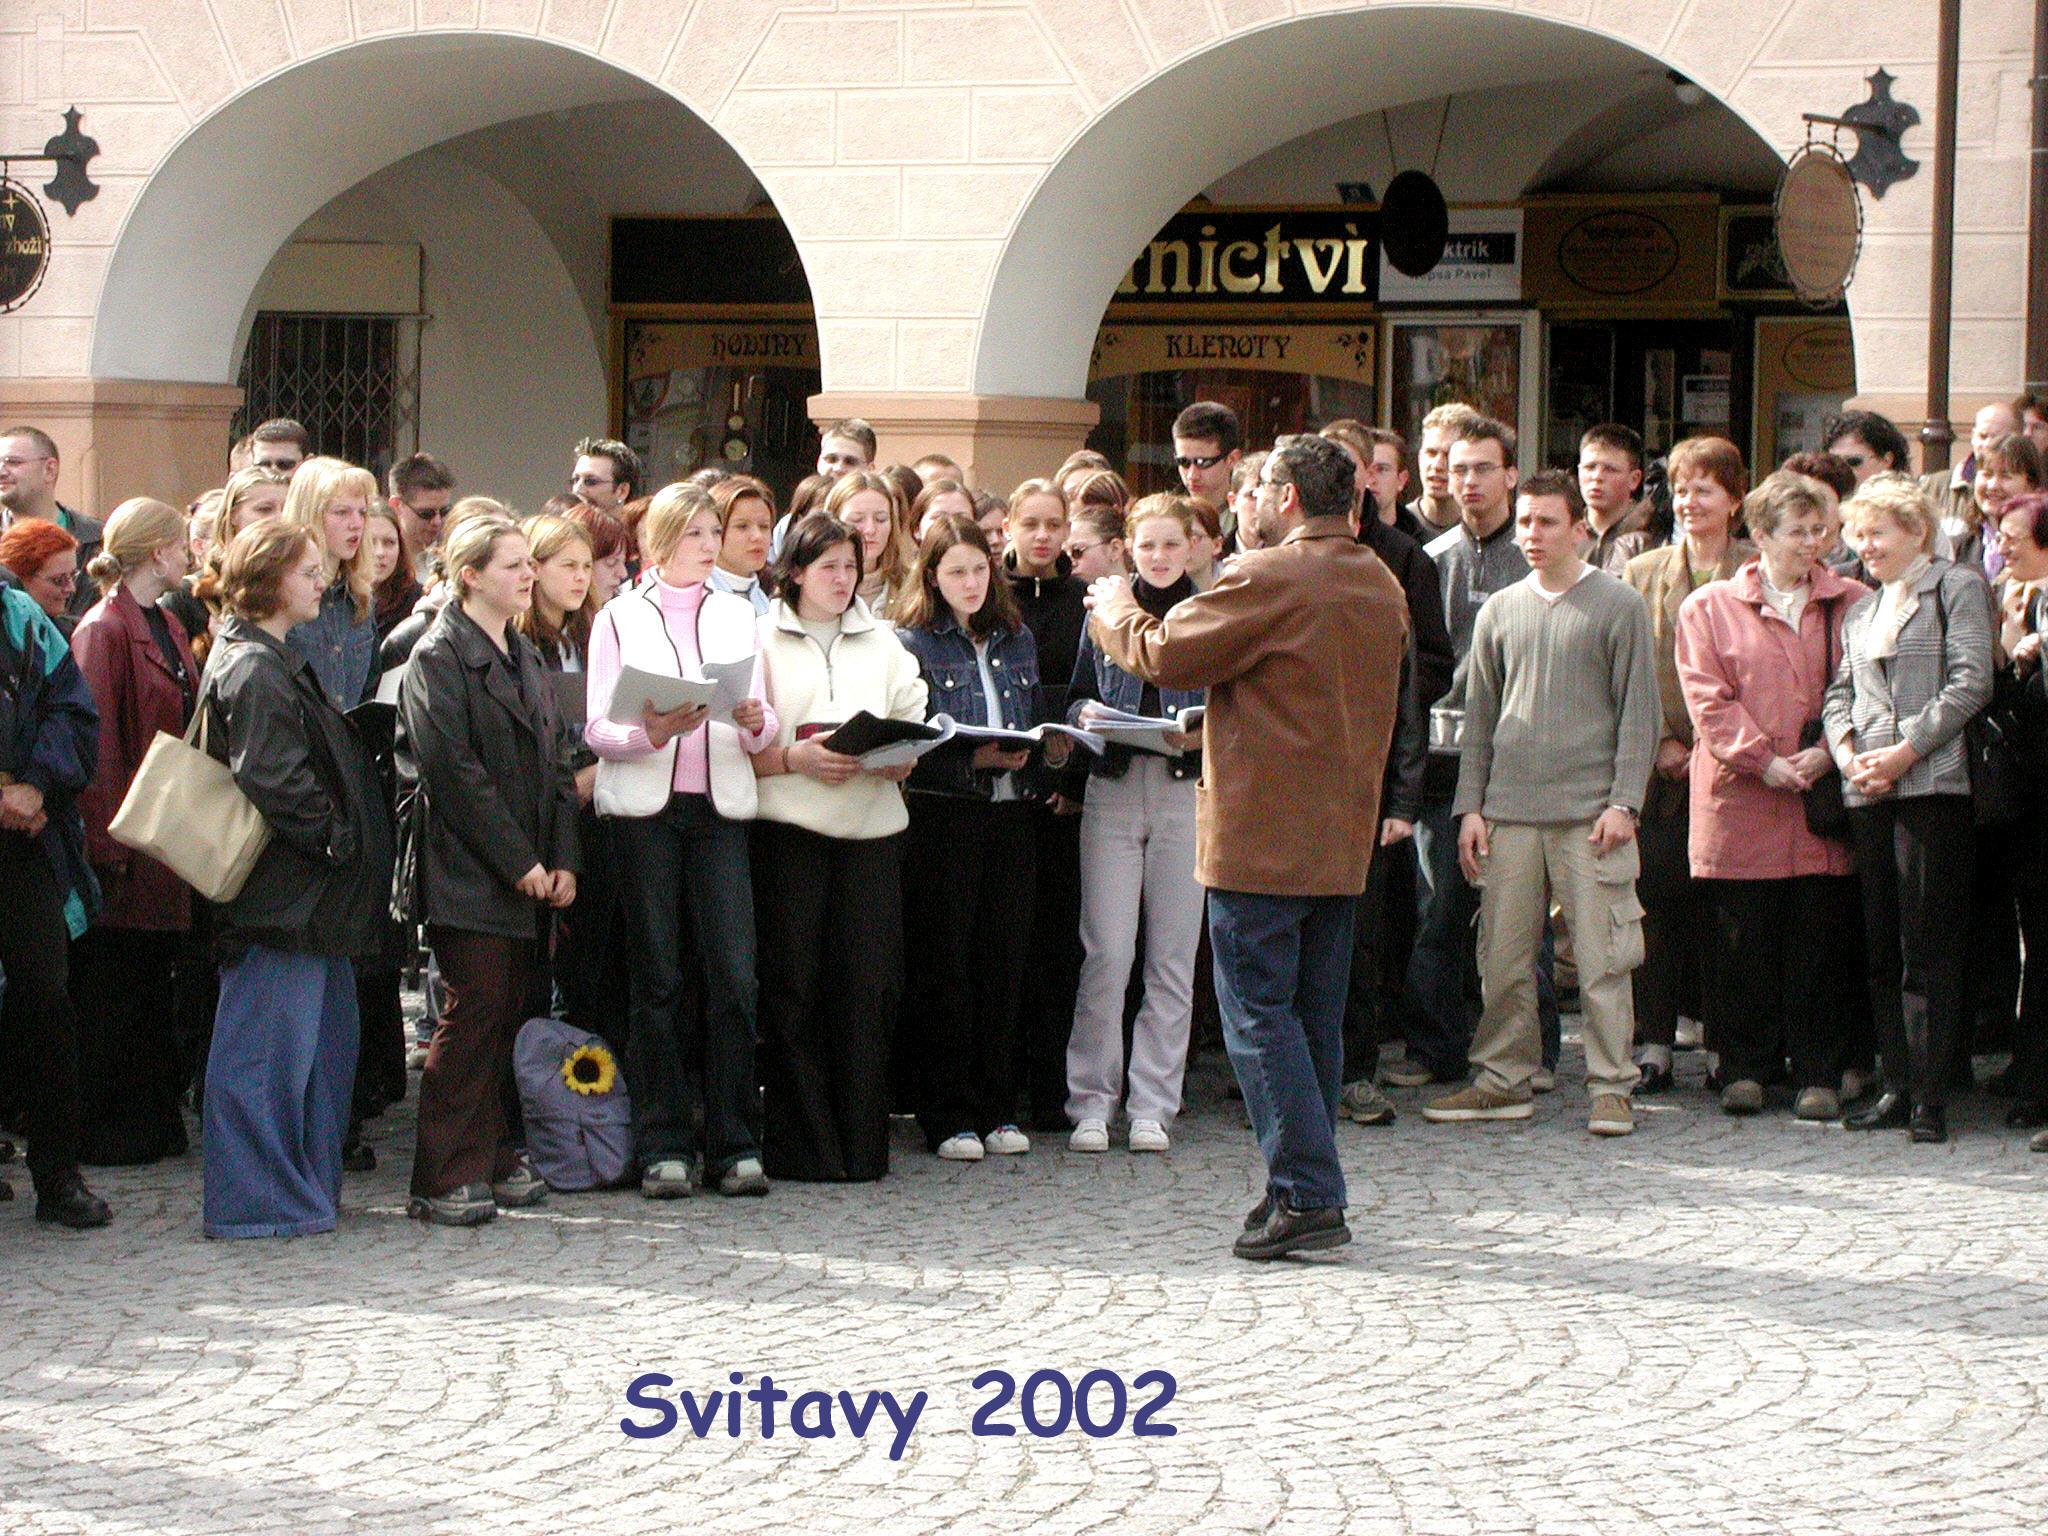 Svitavy 2002